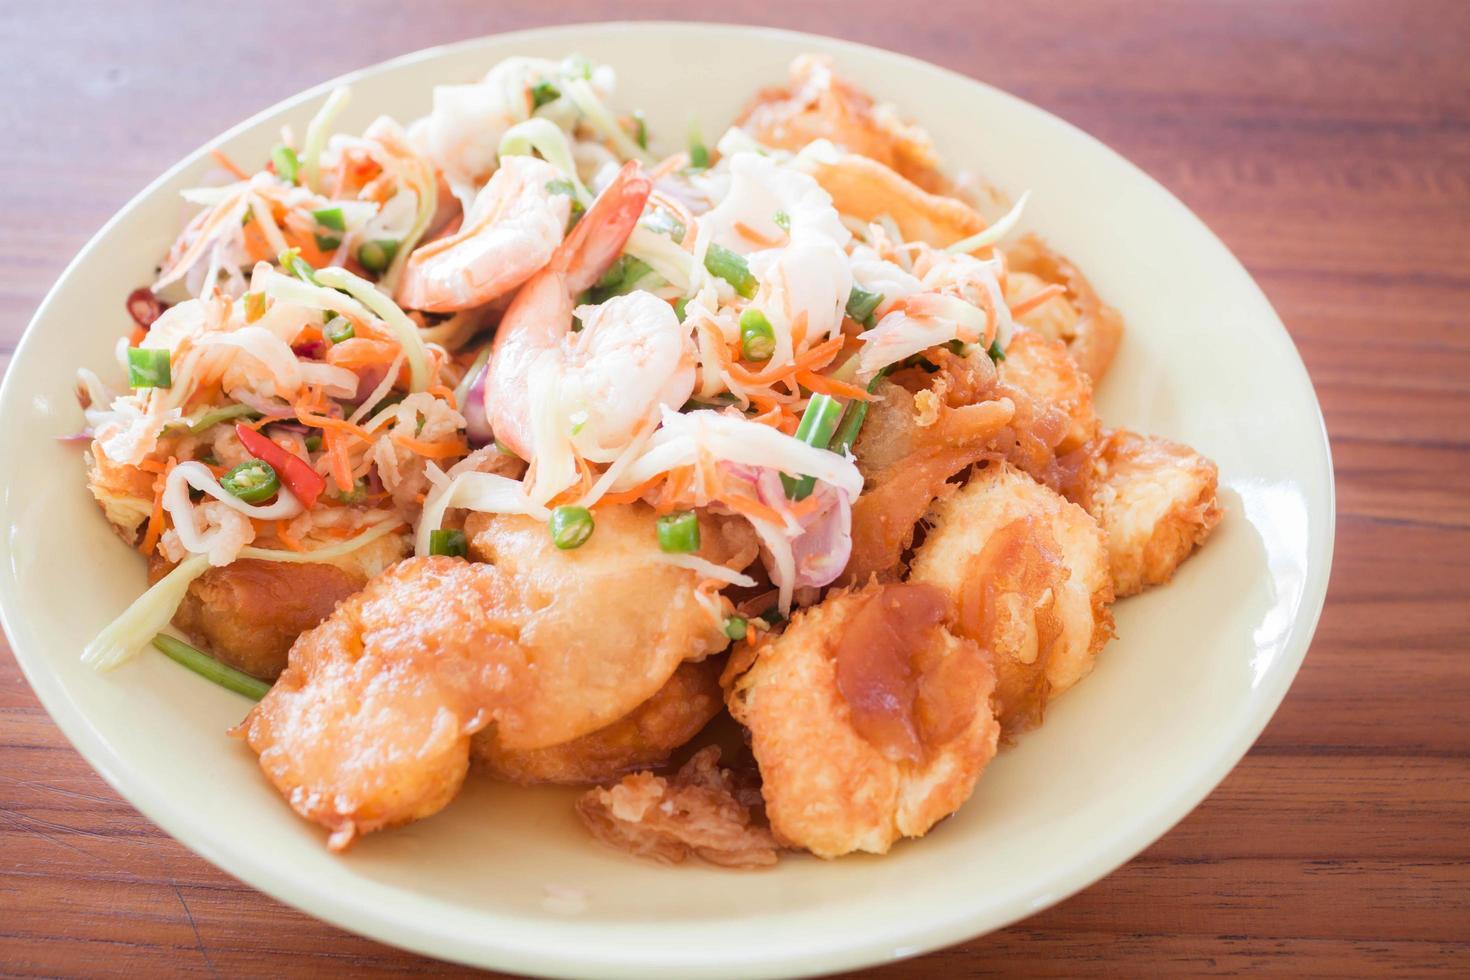 assiette de nouilles et crevettes épicées photo